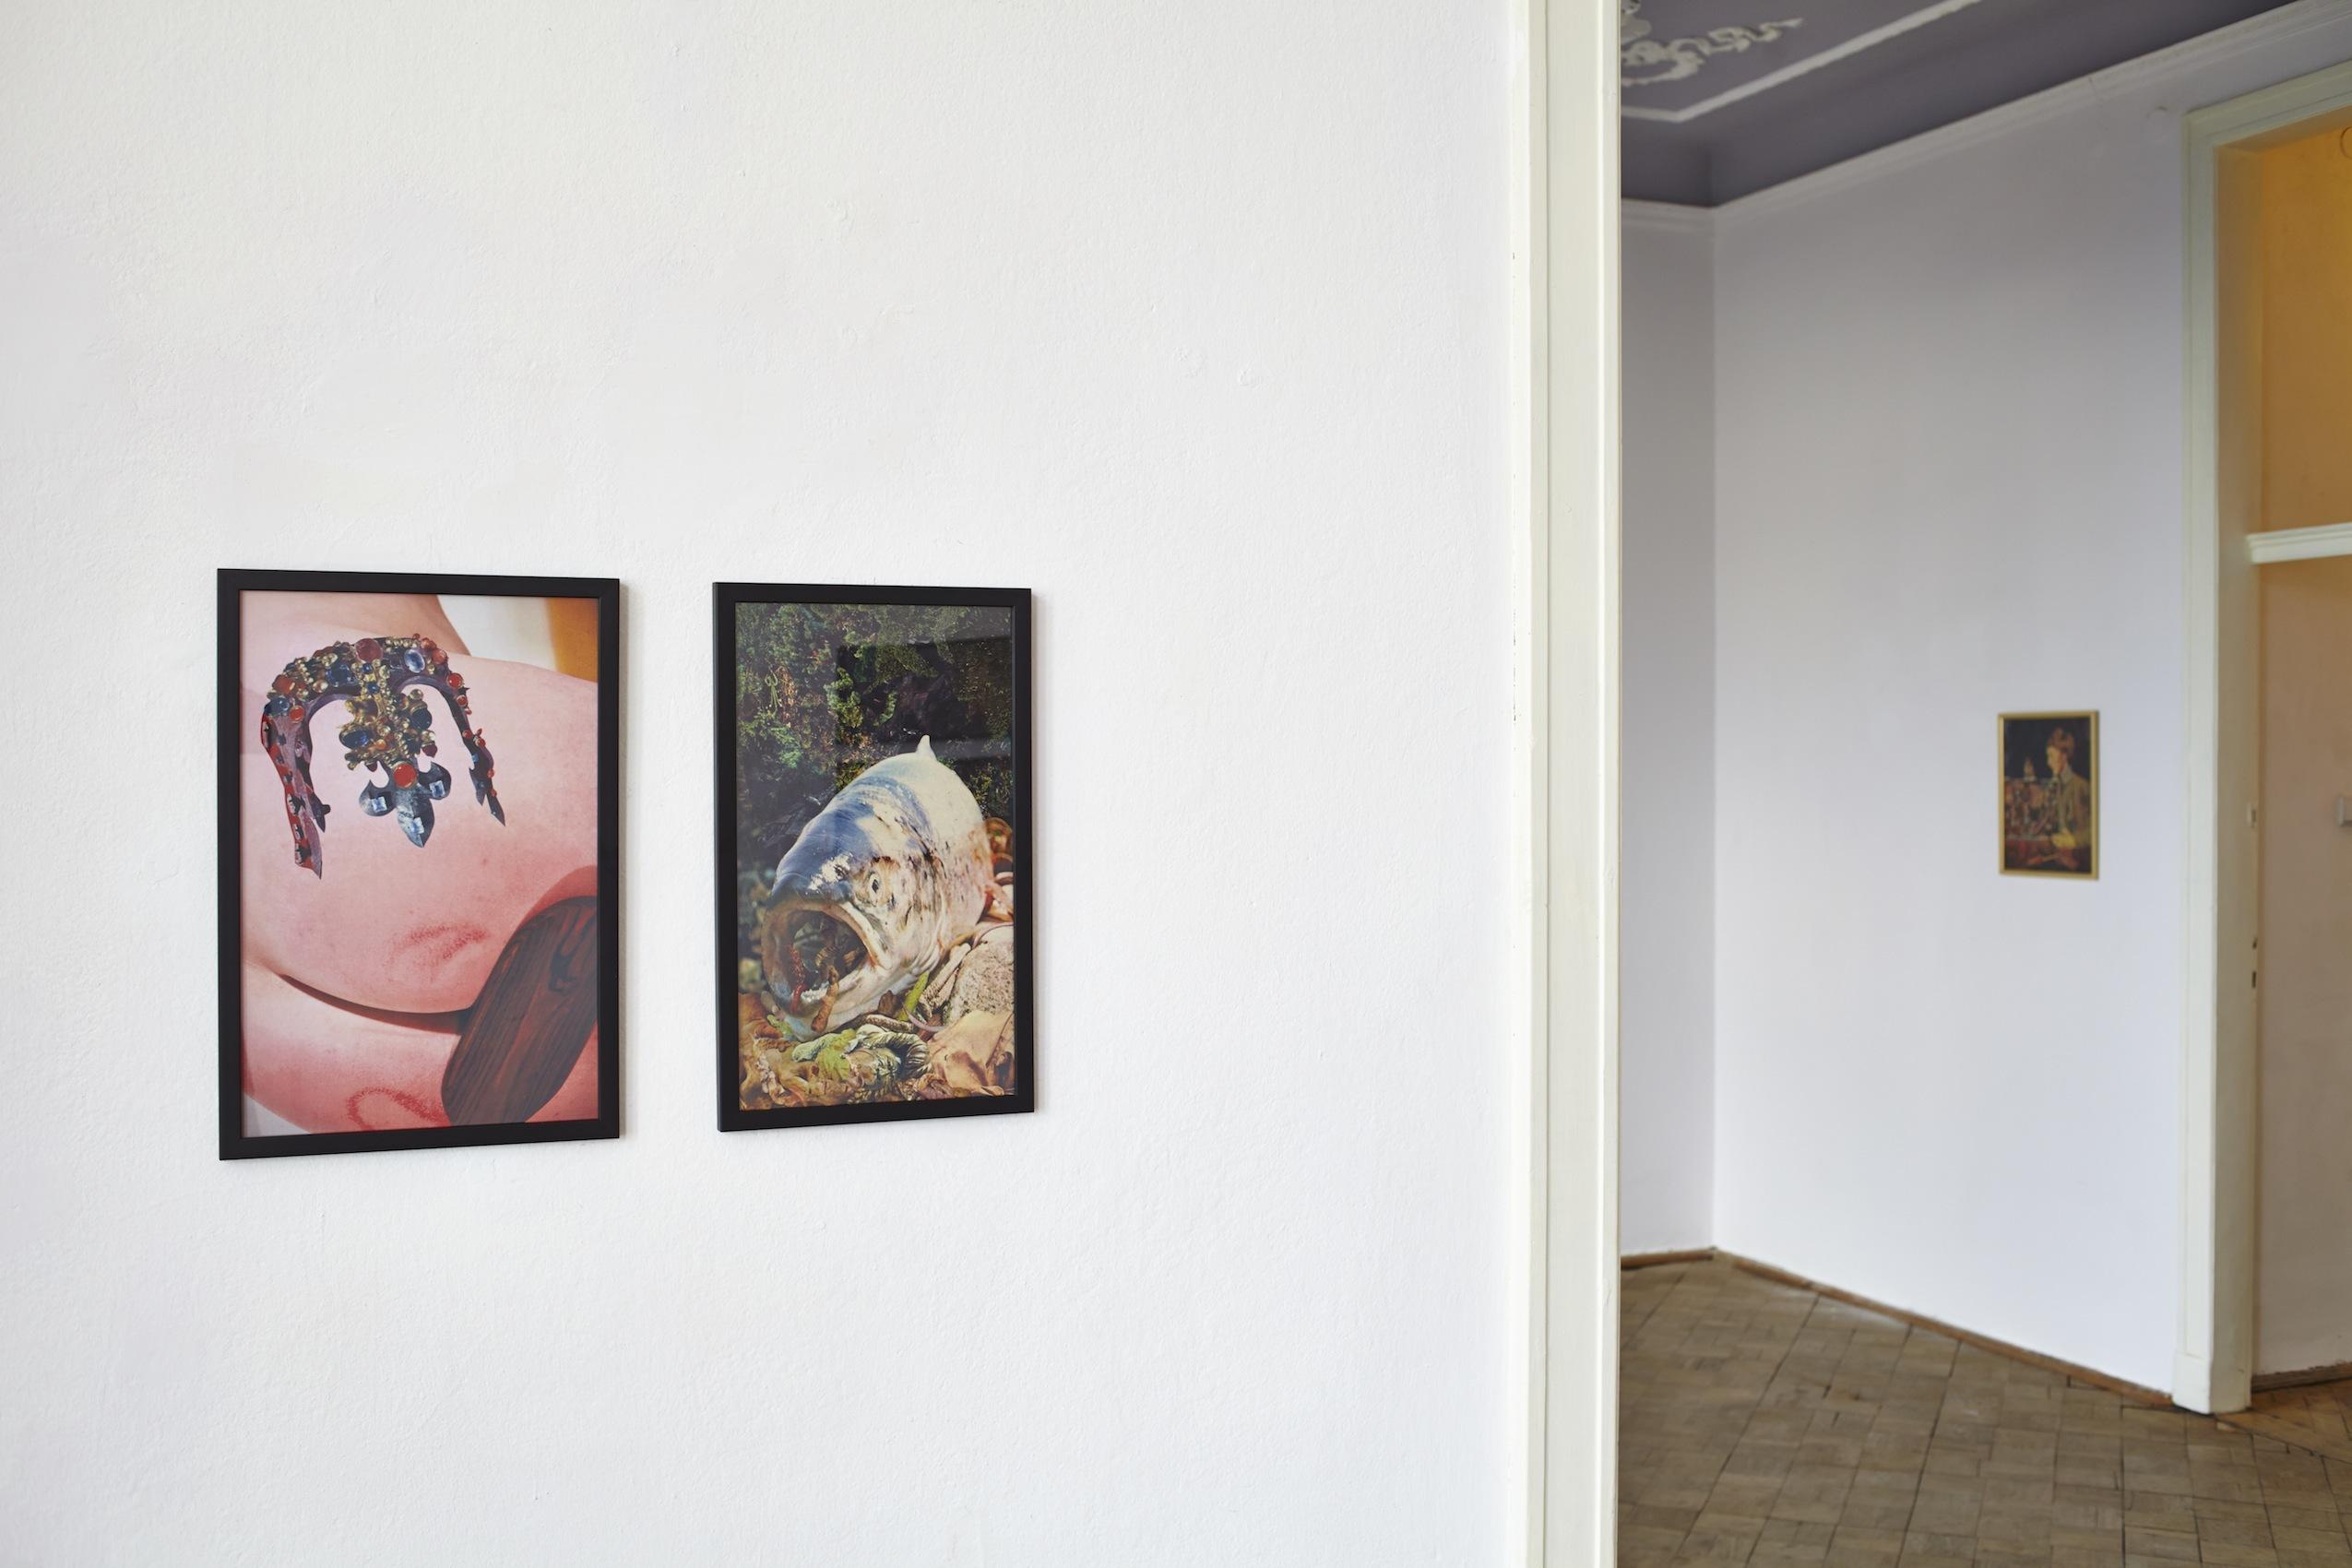 Konrad Maciejewicz, beztytułu, 2014, kolaże napapierze; Self-portrait with Daddy, 2013, kolaż napapierze